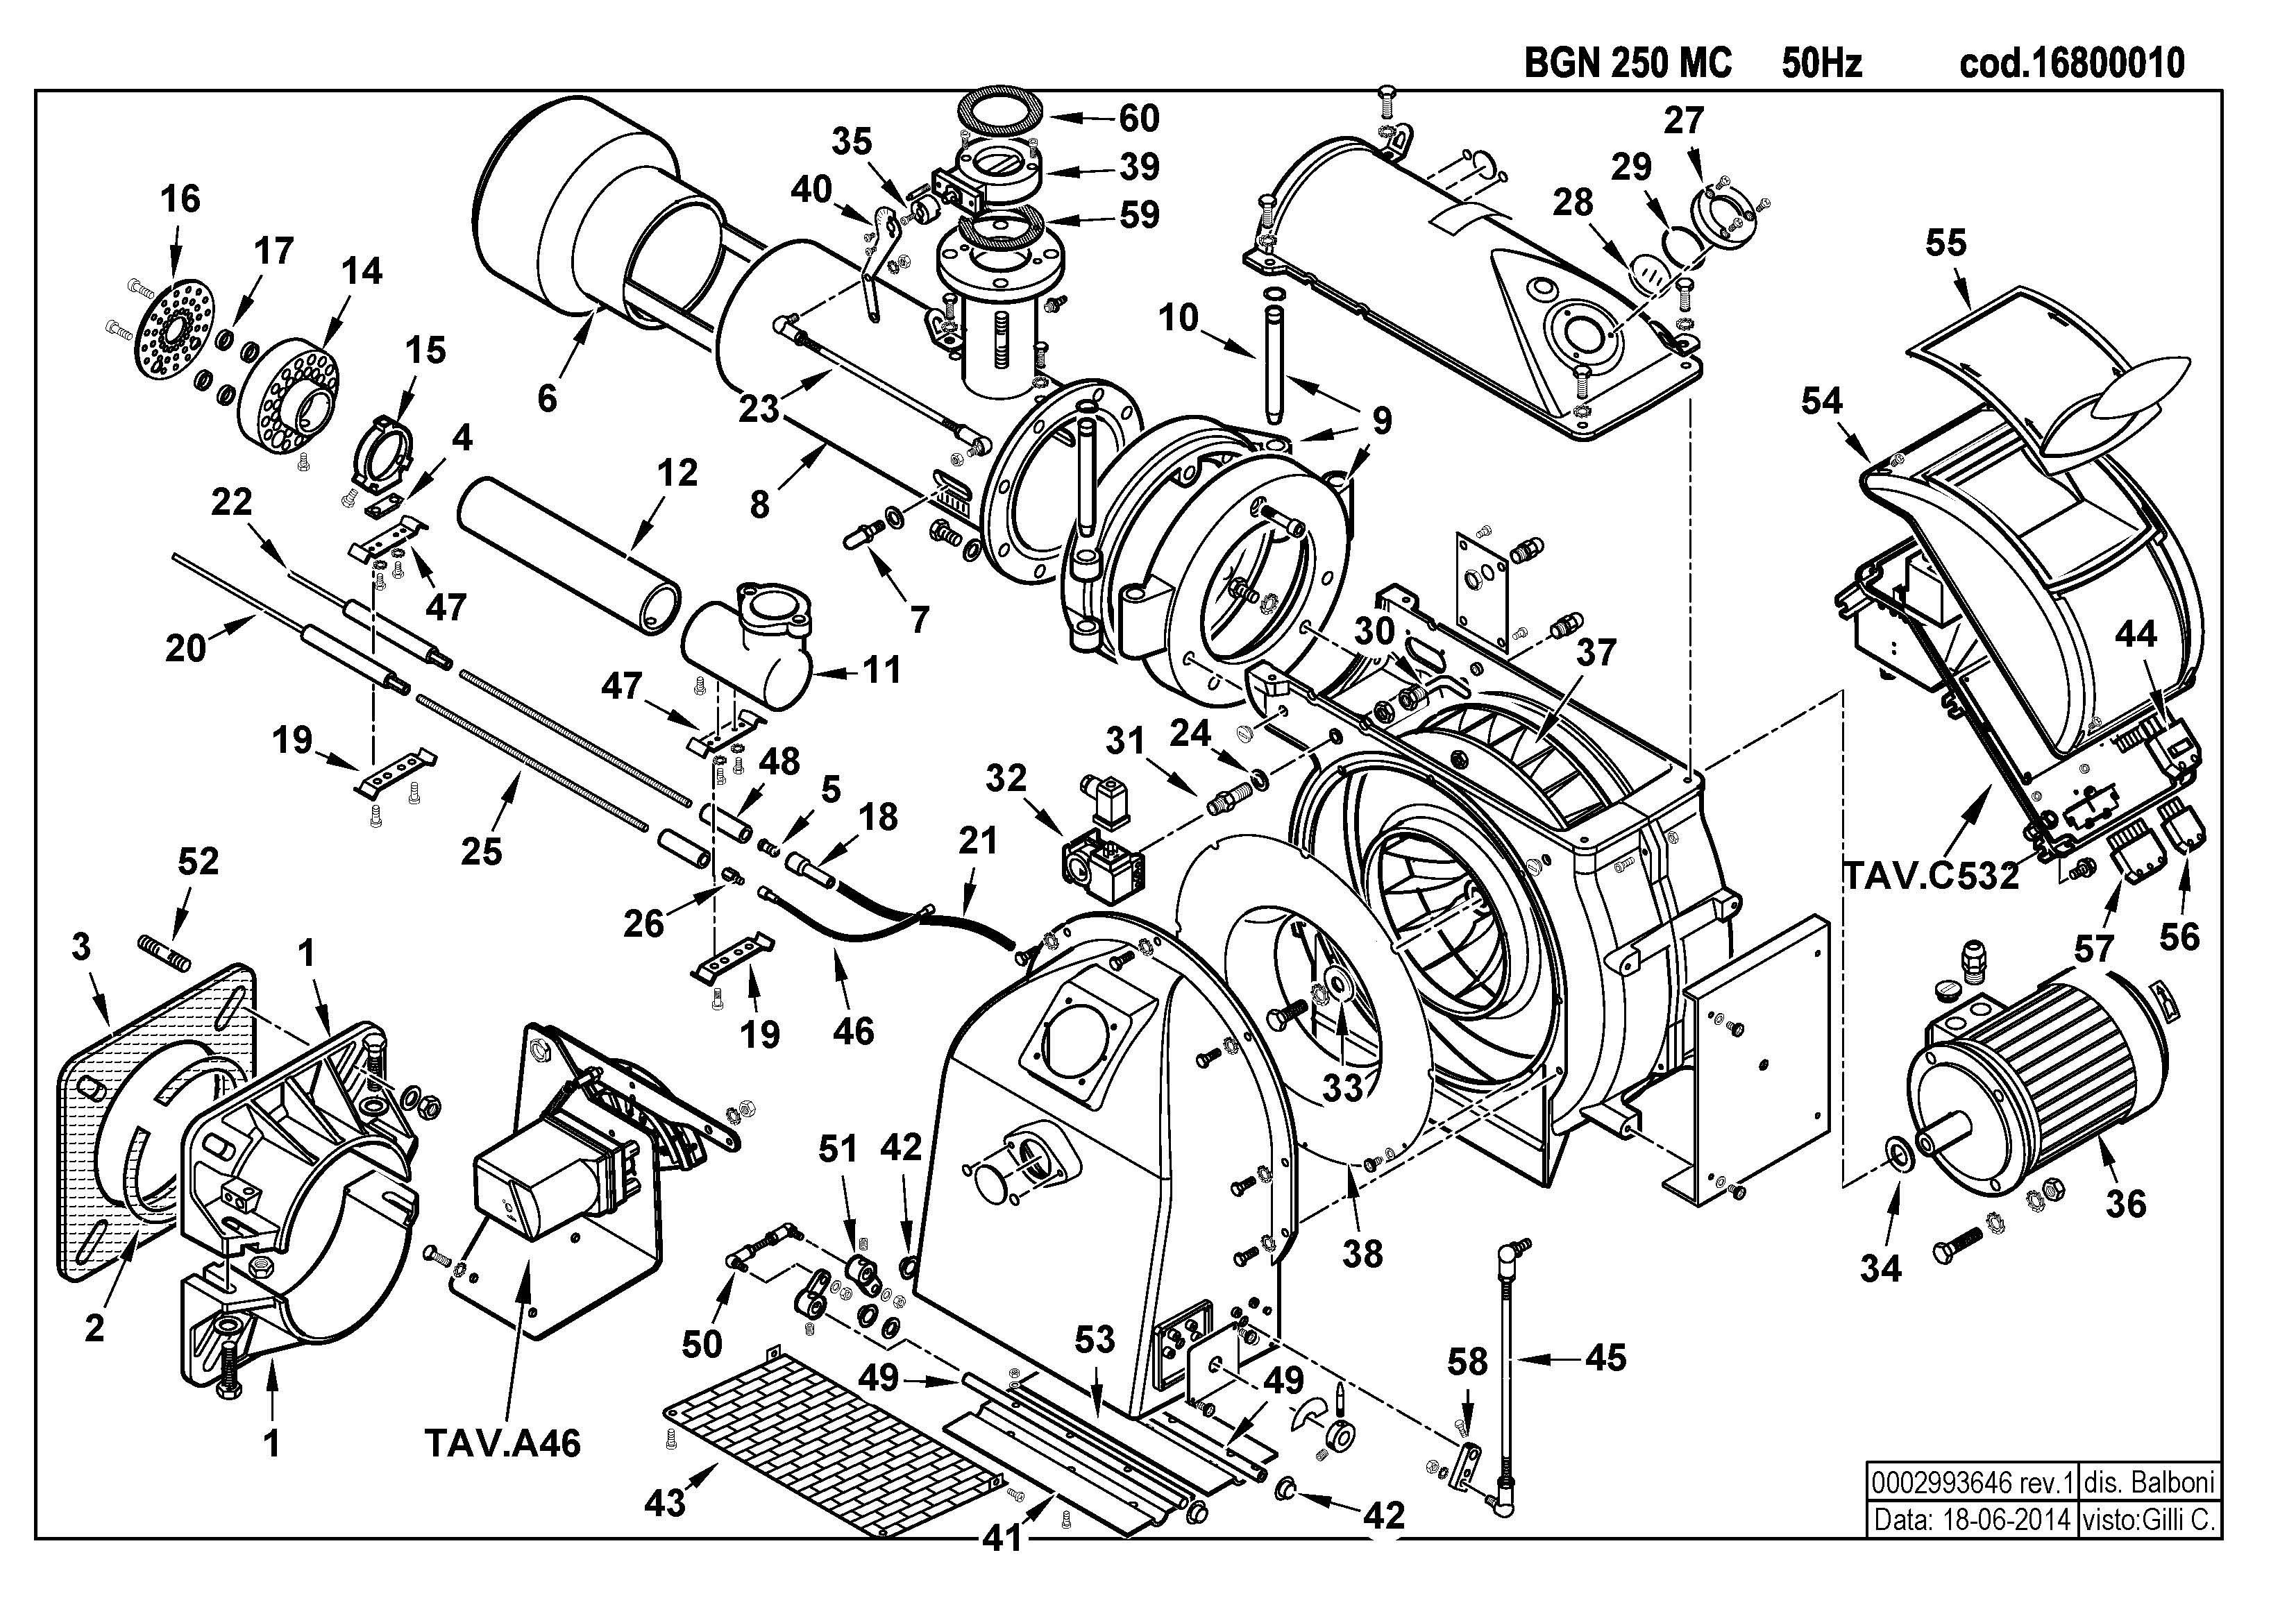 BGN 250 MC 16800010 1 20140618